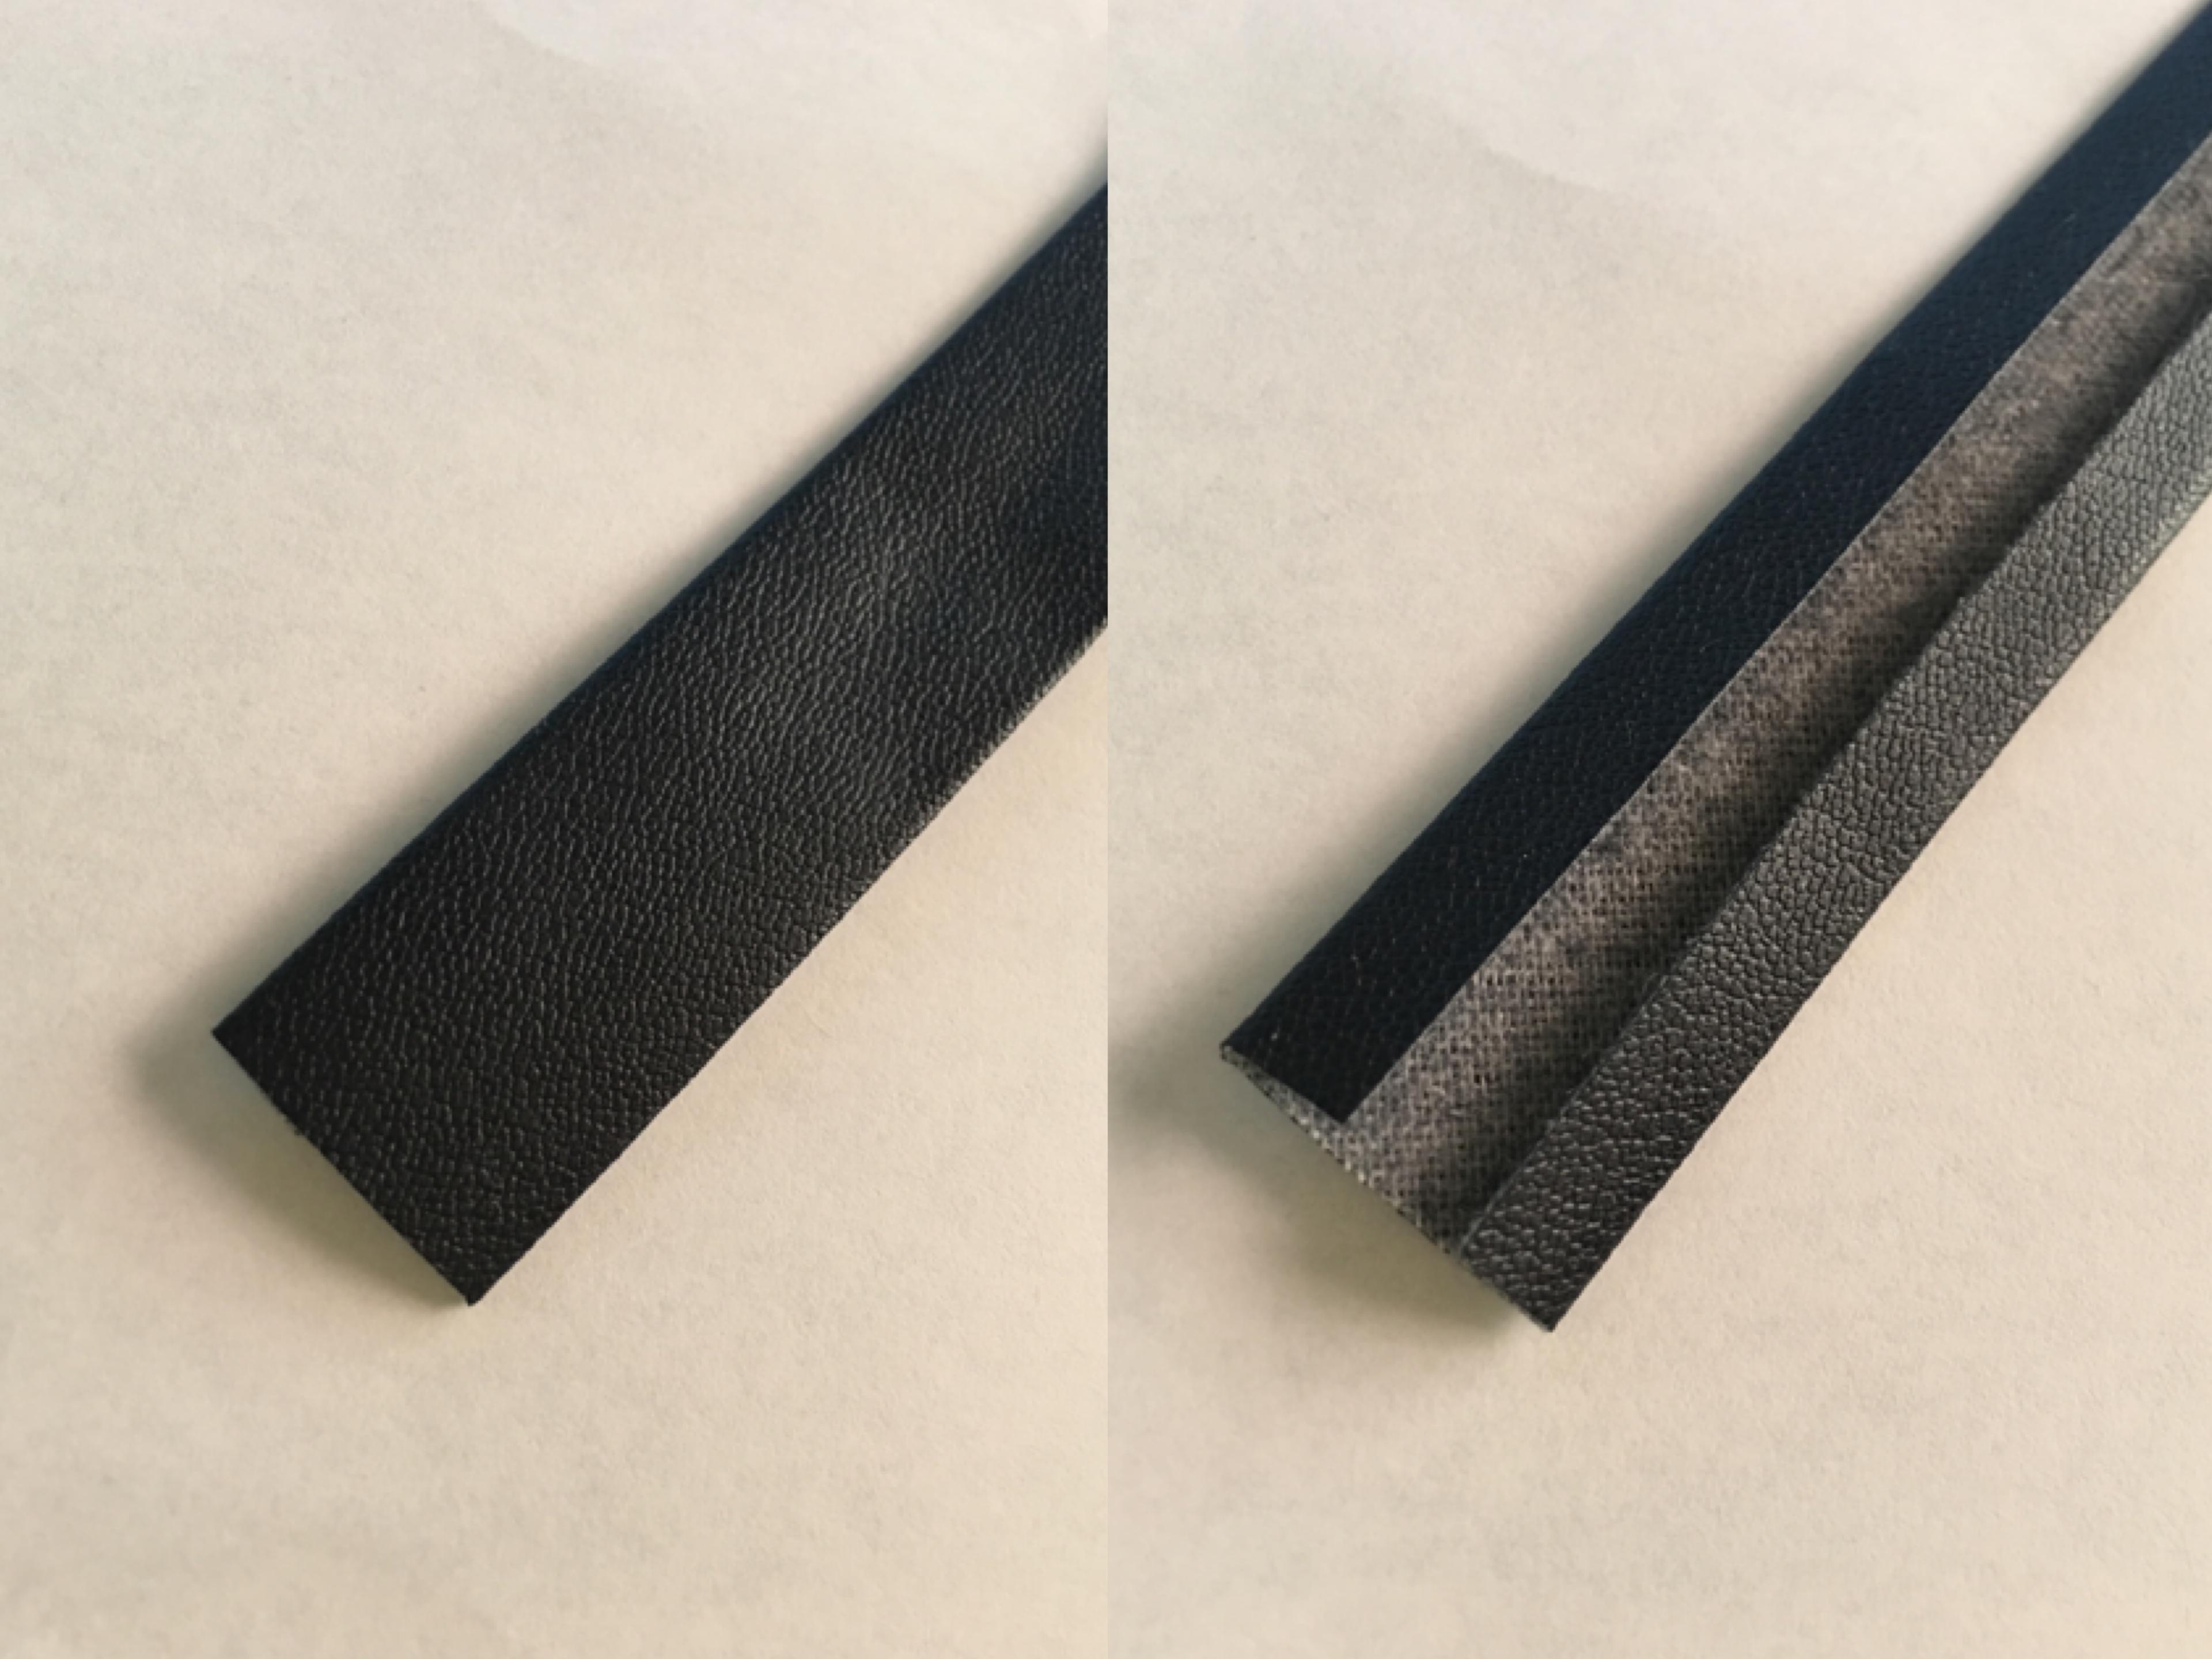 バイアス テープ の 作り方